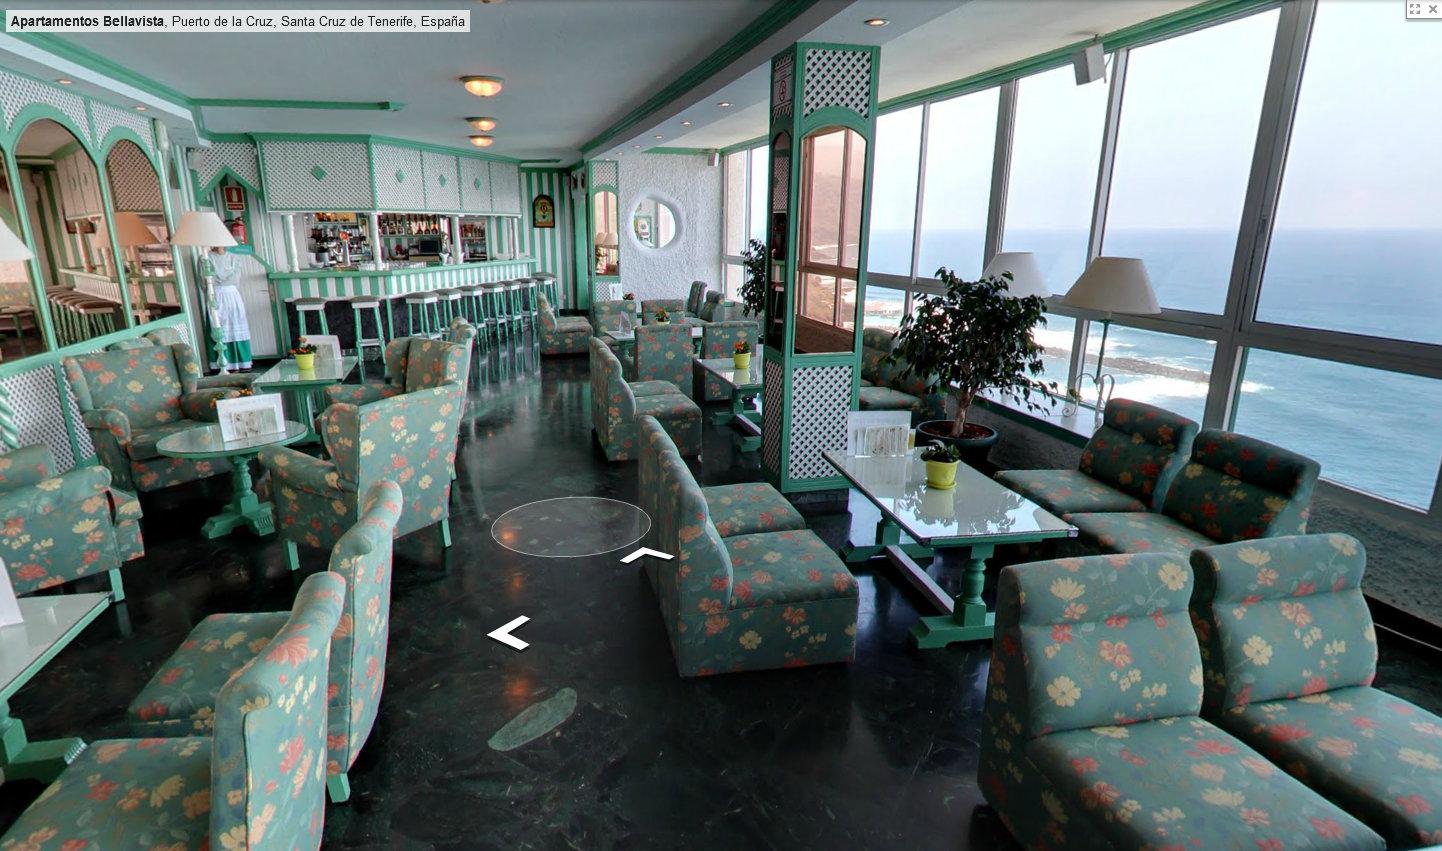 Hotel bellavista mirador crea solutions - Hotel bellavista puerto de la cruz ...